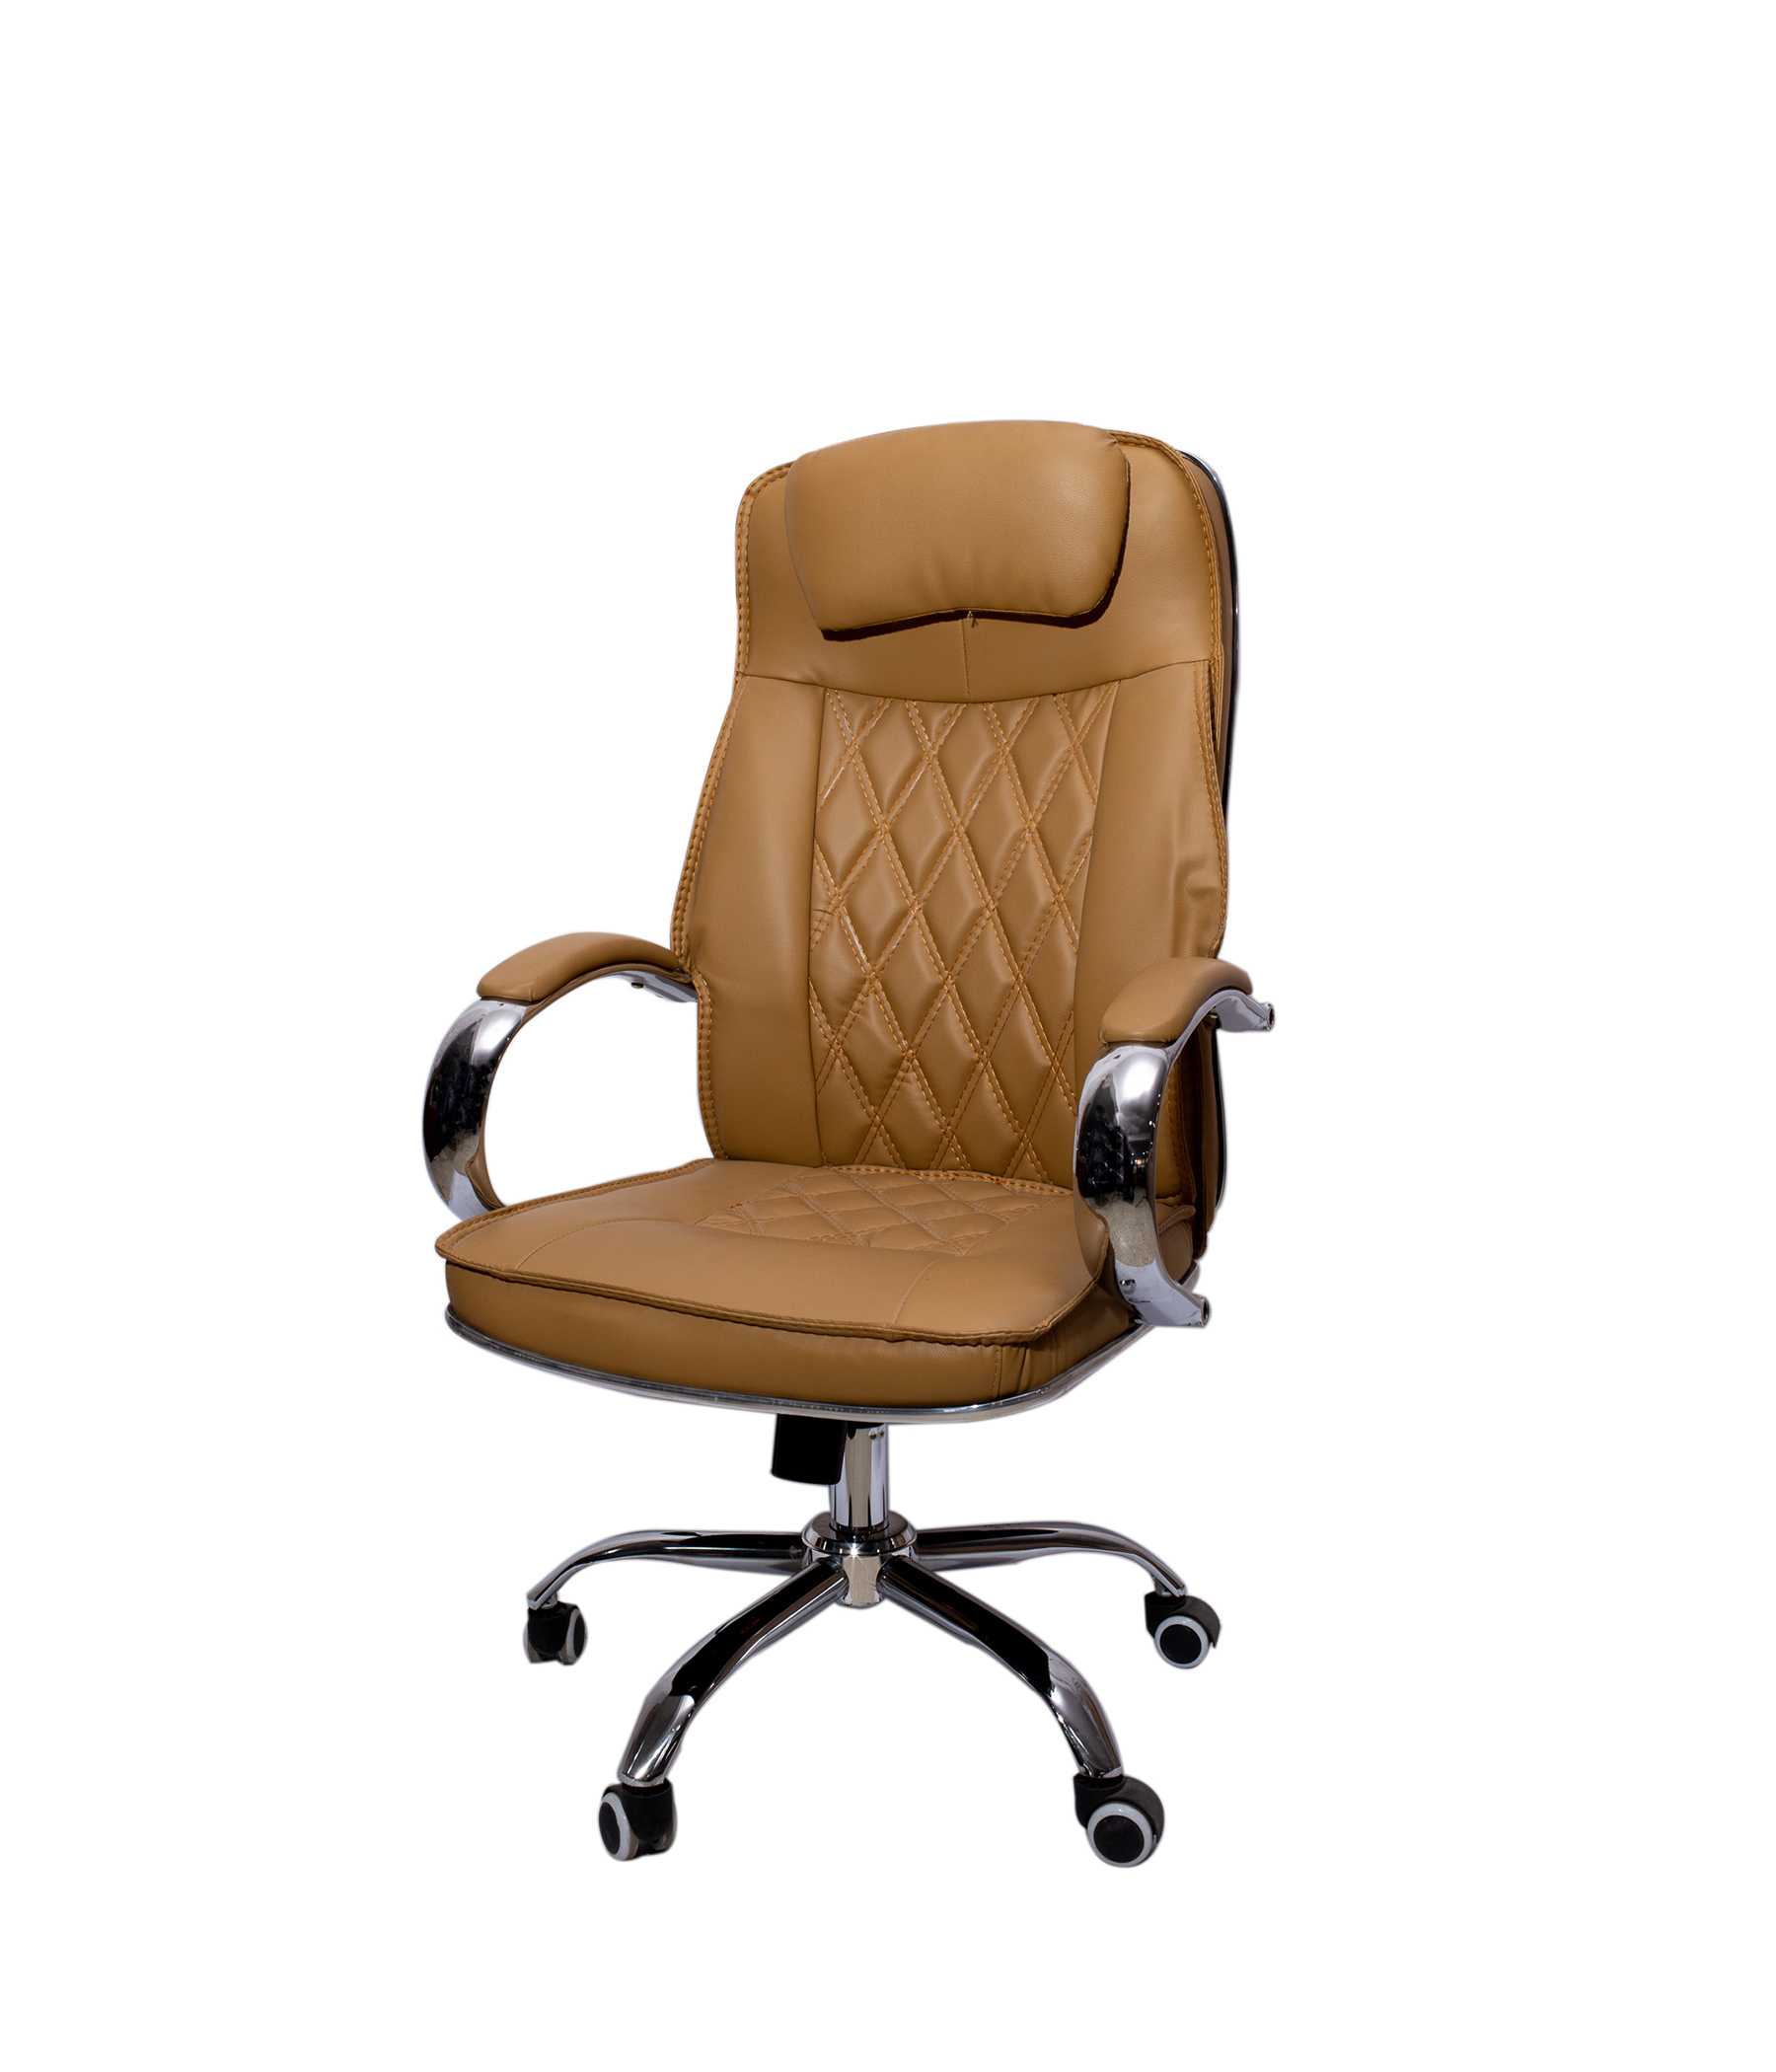 Awe Inspiring Shop Kursi Nepal Bralicious Painted Fabric Chair Ideas Braliciousco